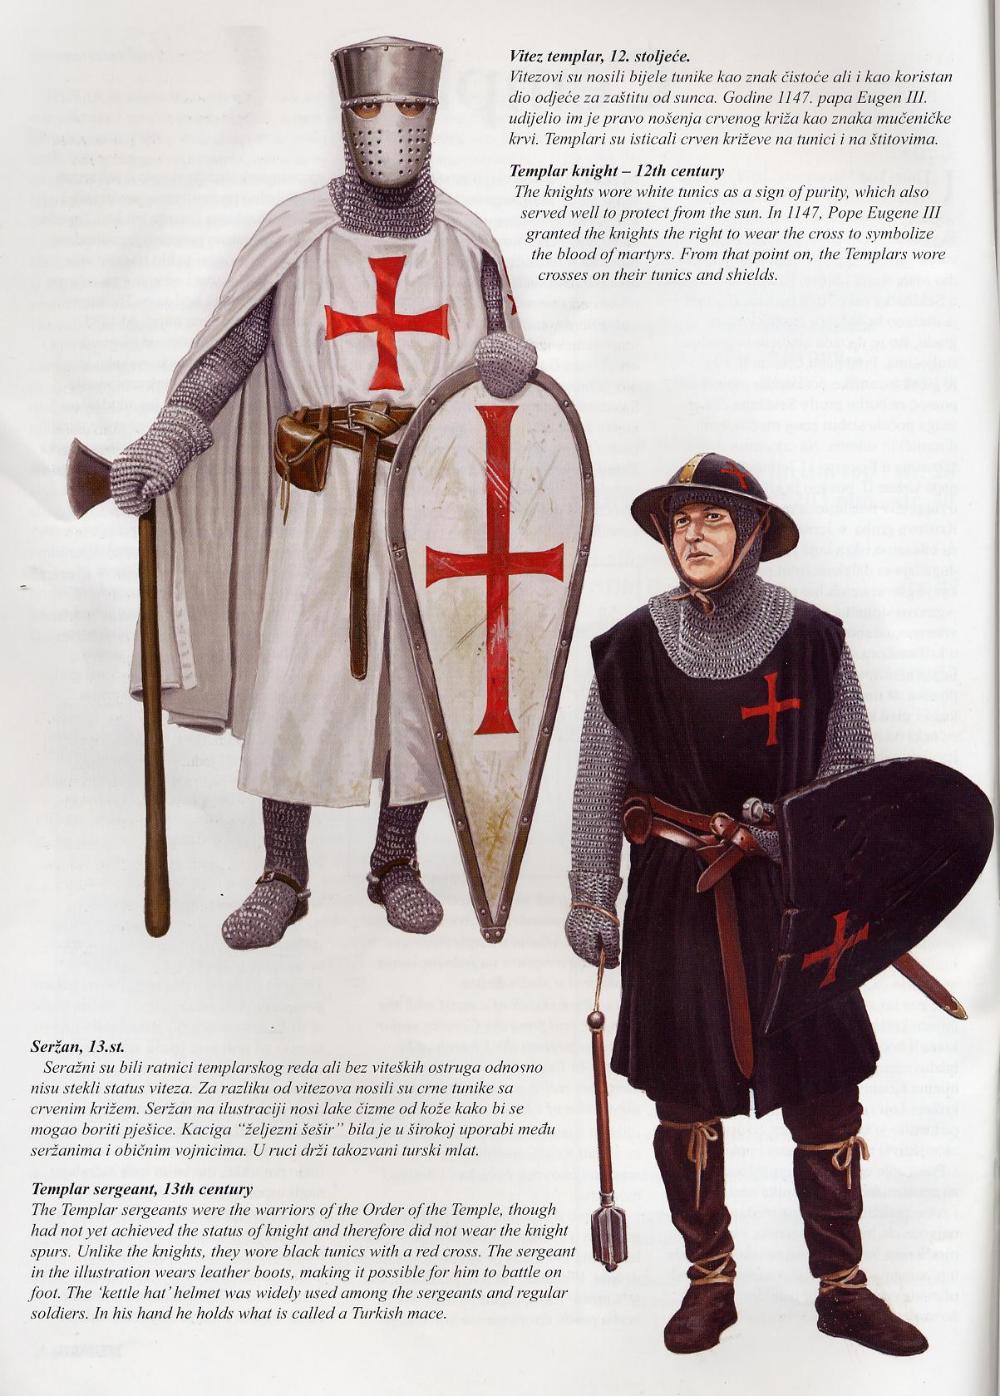 Foro De Historia Militar El Gran Capitan Ver Tema Pinturas Y Codices De La Edad Media Caballeros Templarios Templarios Caballeros Medievales